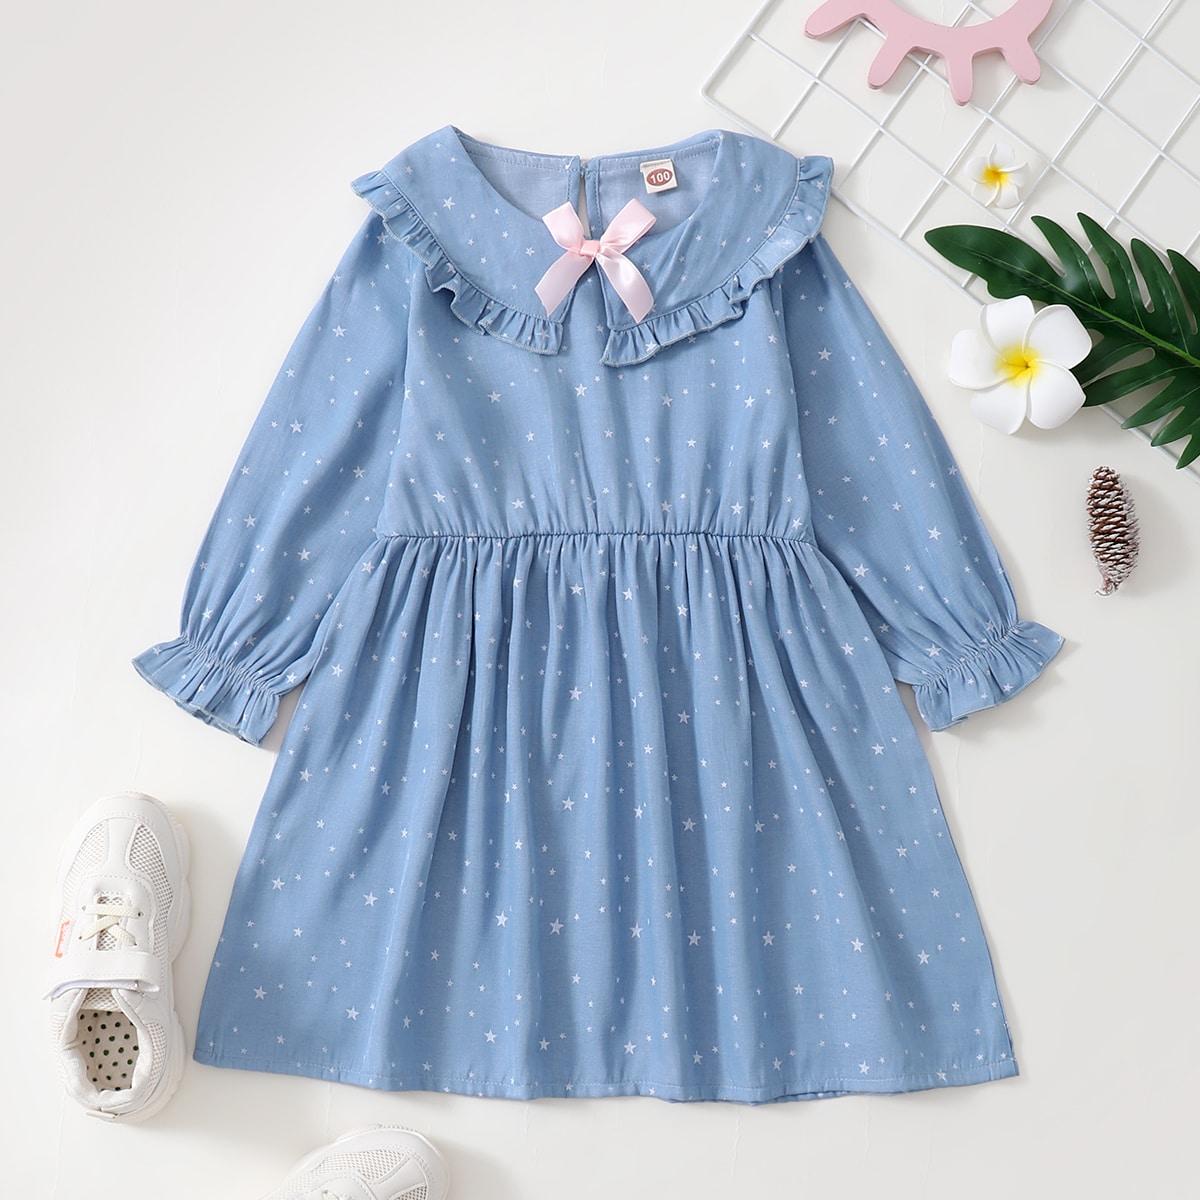 для девочек Джинсовое платье с принтом звезды с воротником питер пэн с бантом SheIn skdress25210609938